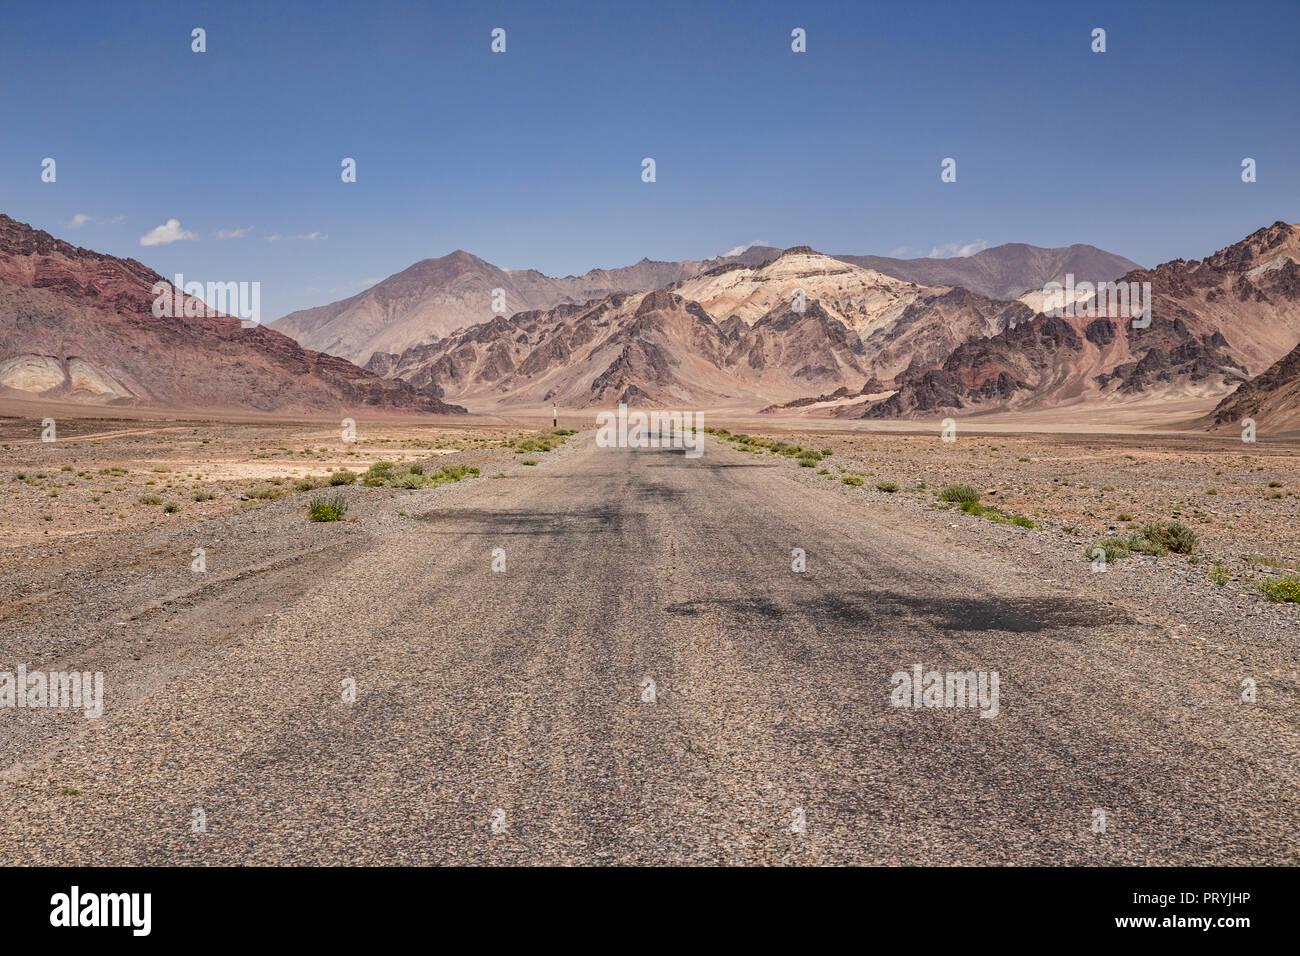 Immagine centrata di una sezione distributore di Pamir Highway, Gorno-Badakhshan Regione autonoma, Tagikistan. Immagini Stock